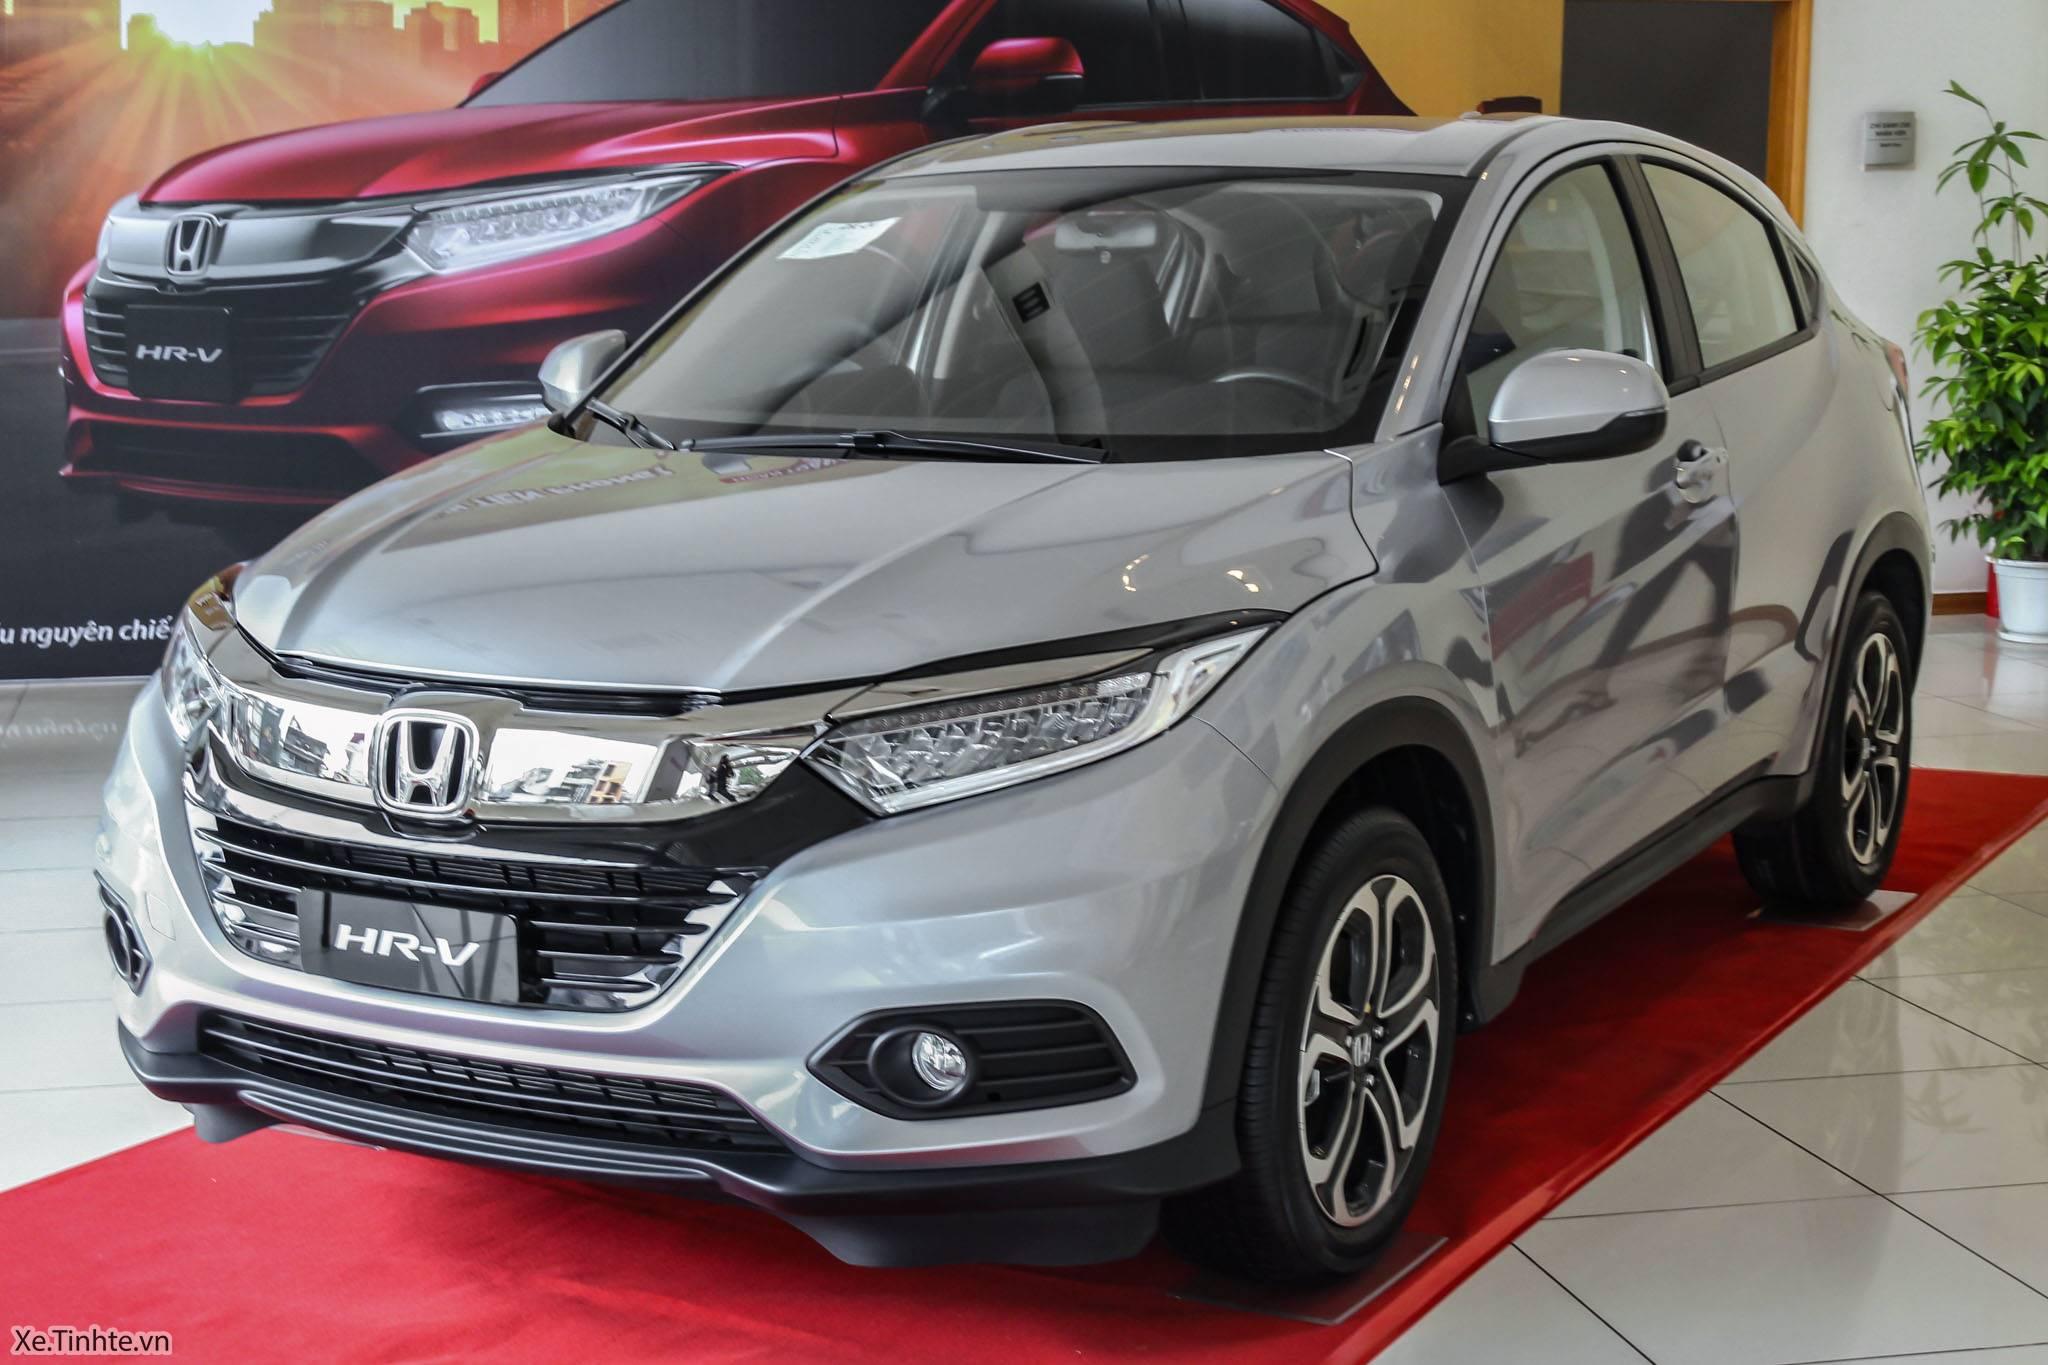 Honda_HR-V_G_2018_Xe_Tinhte_004.jpg